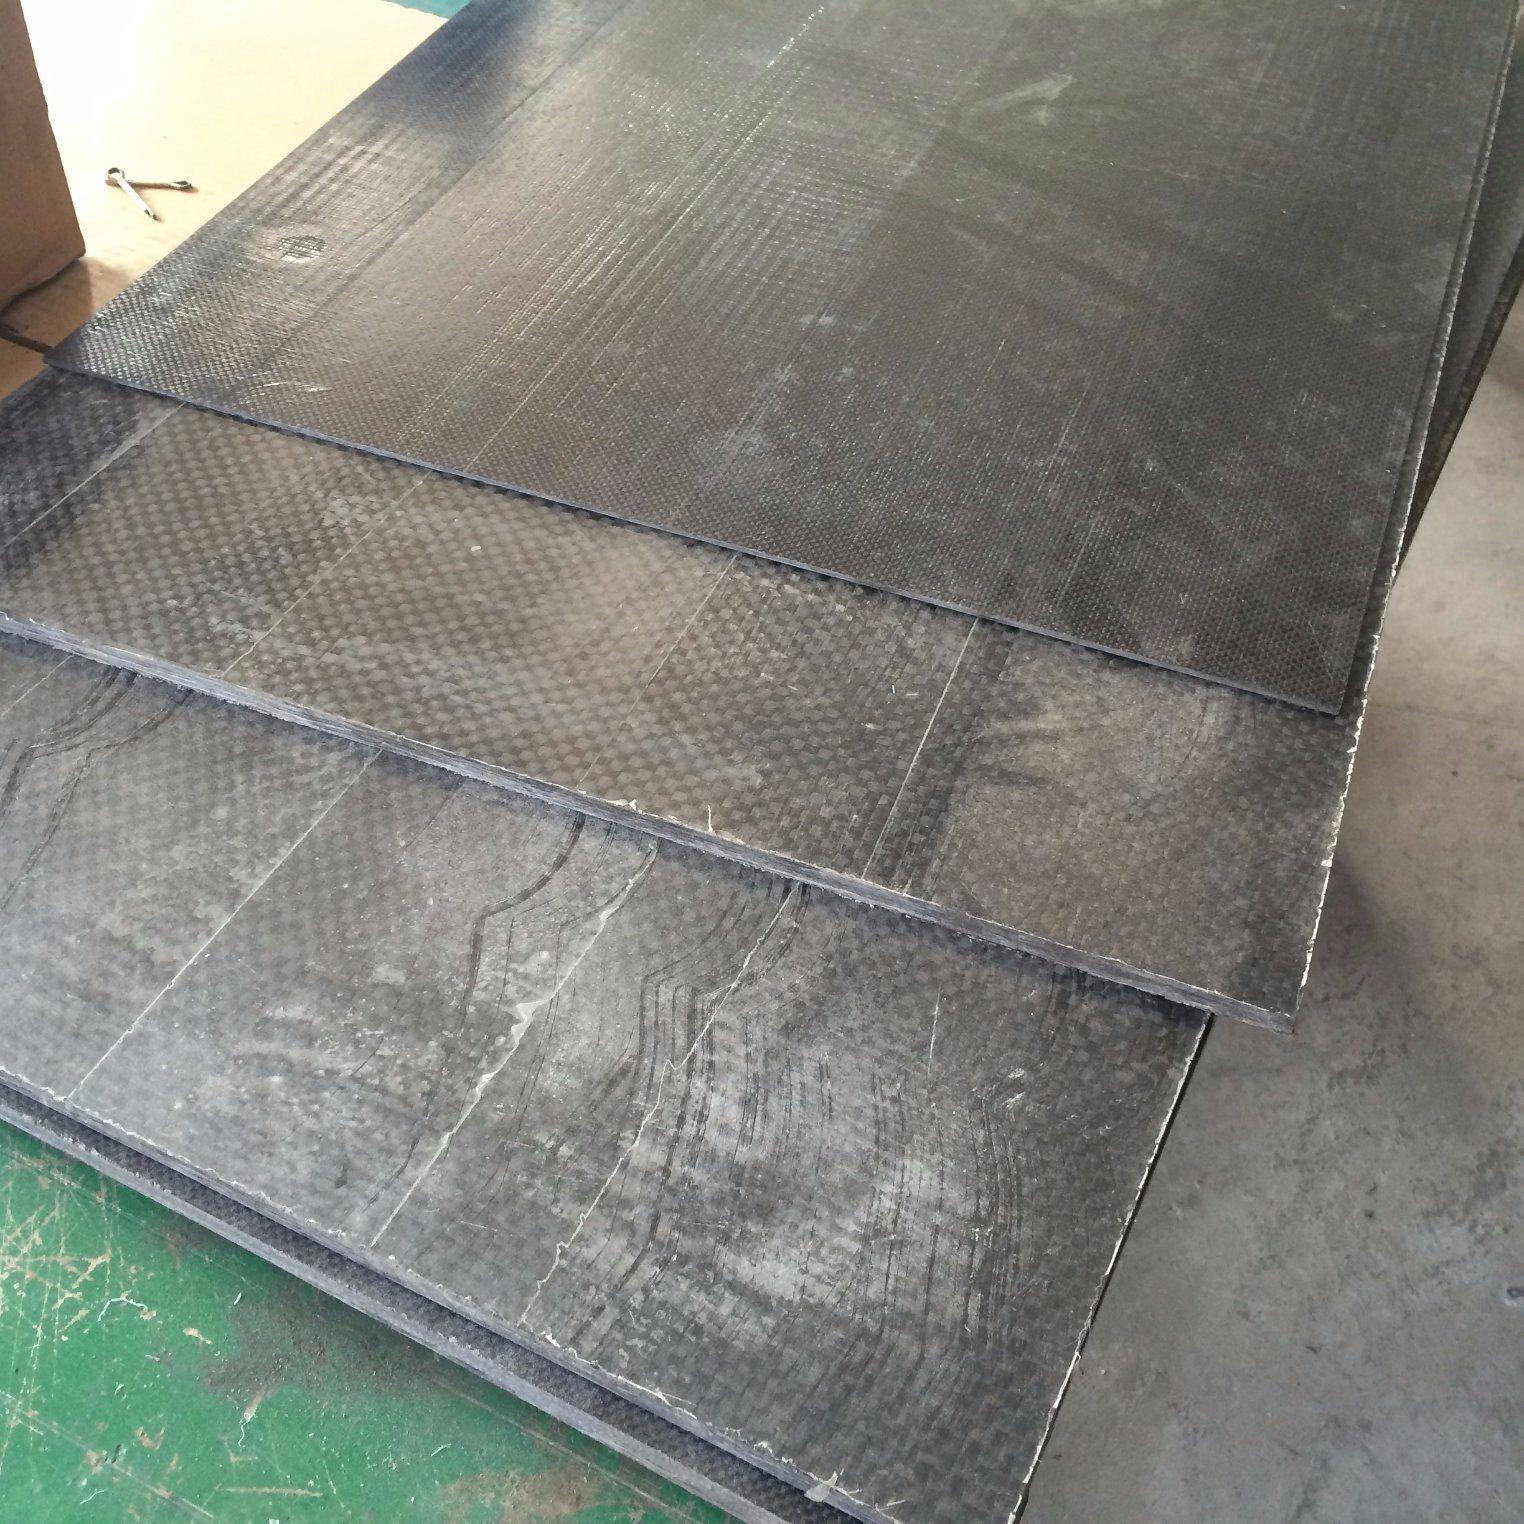 Carbon Fiber Part for Shoes